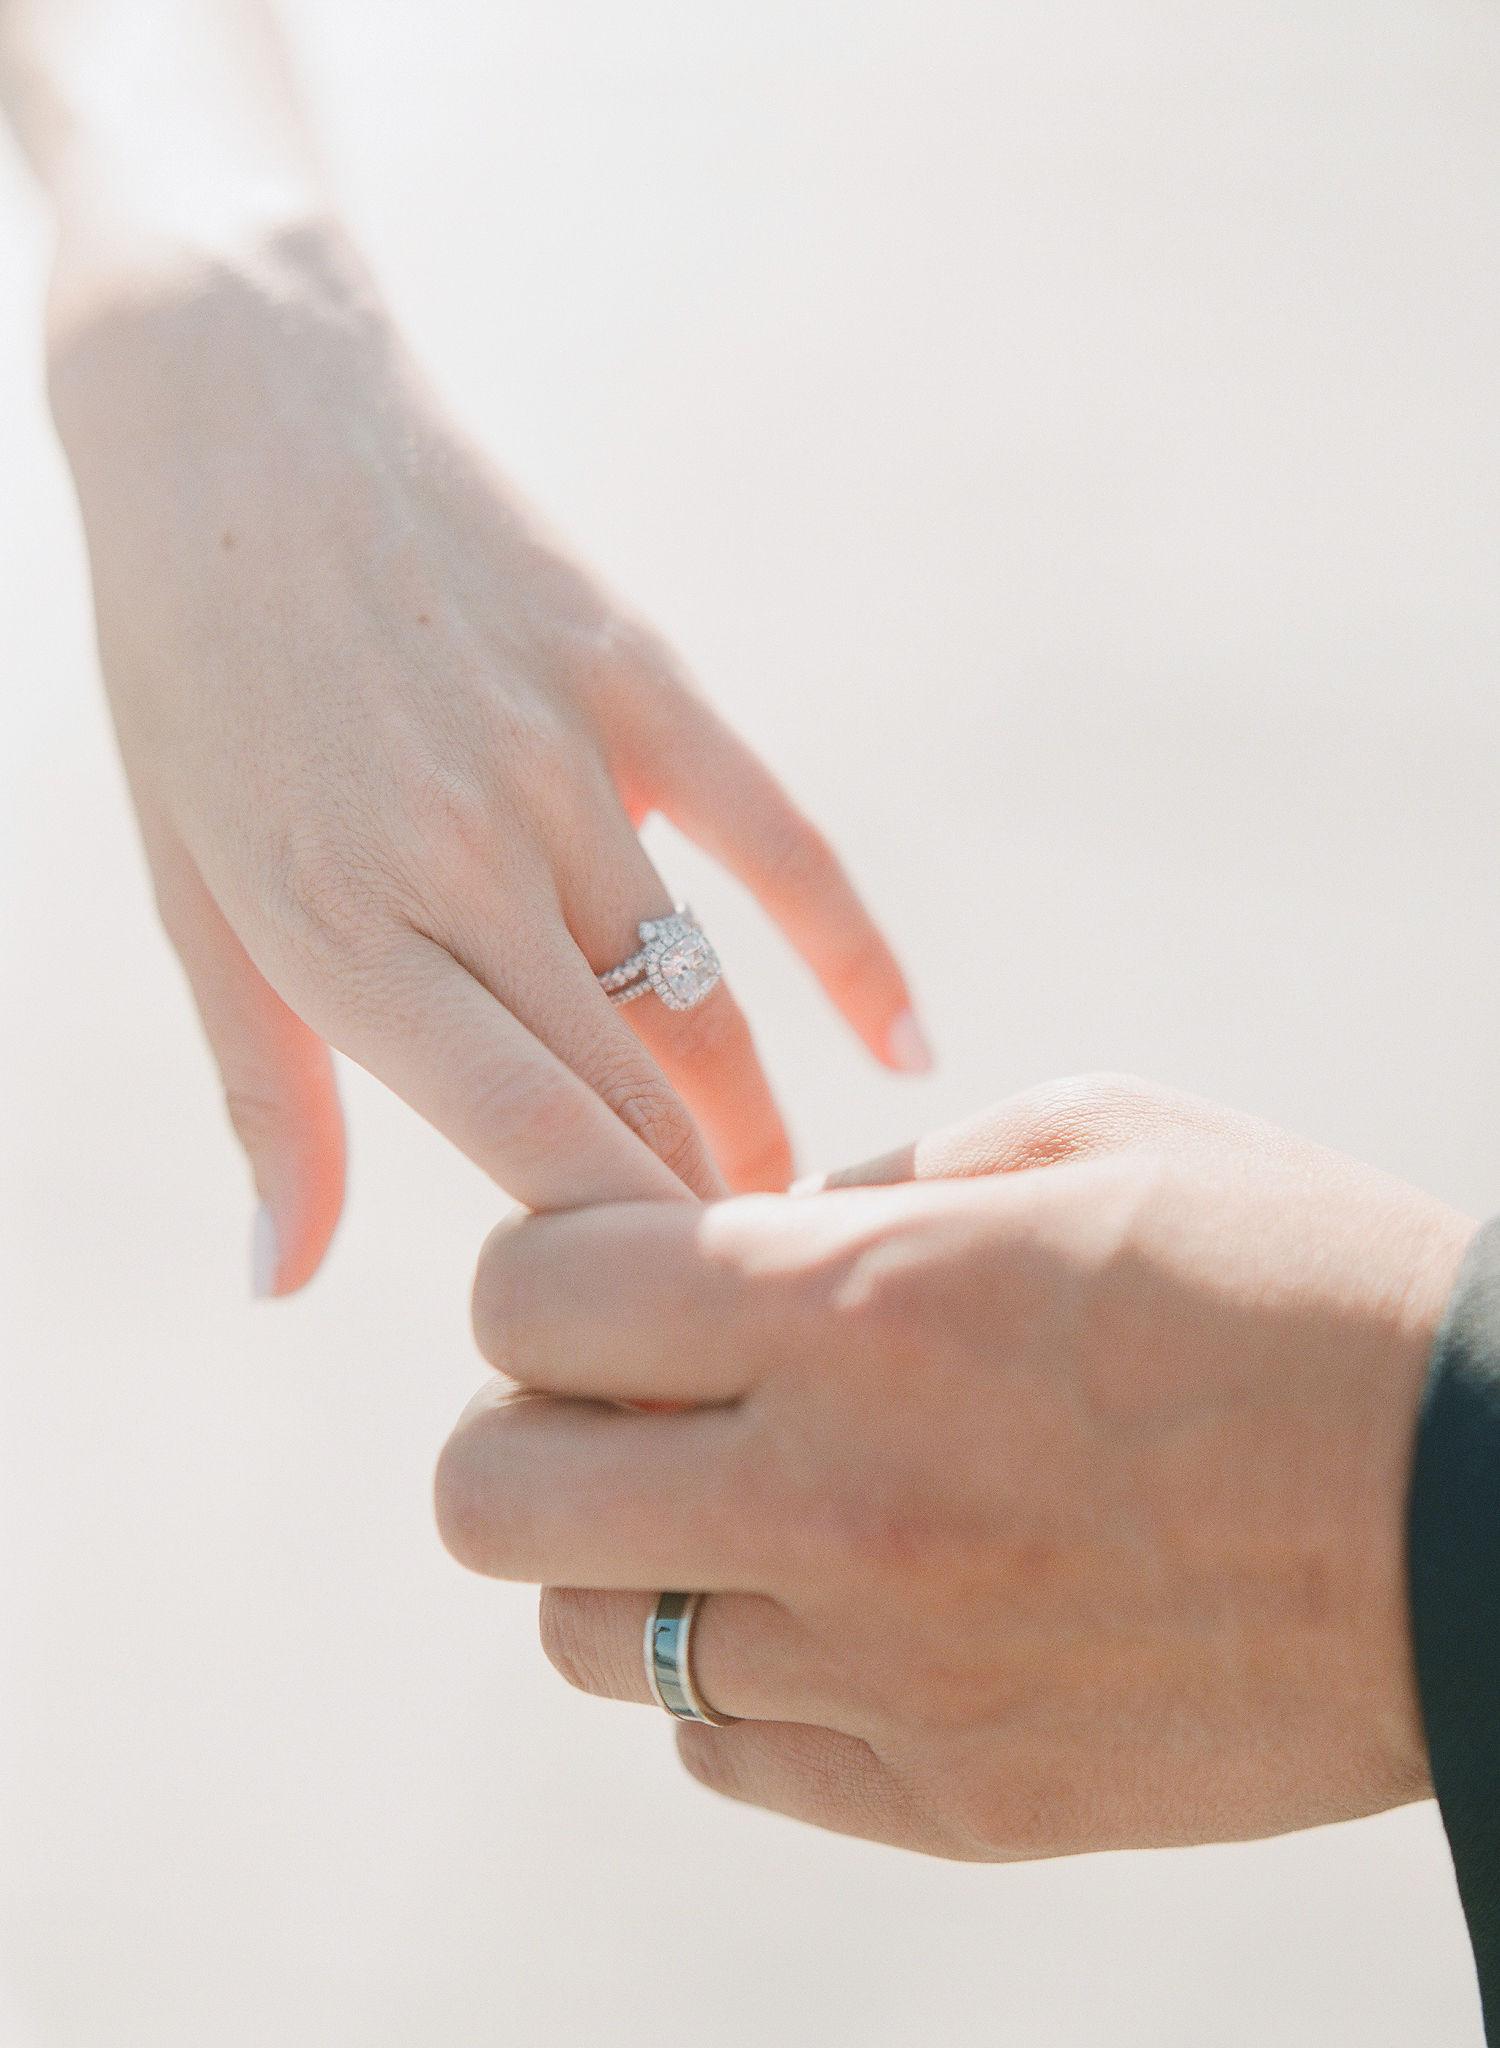 nicole and chris wedding couple hands